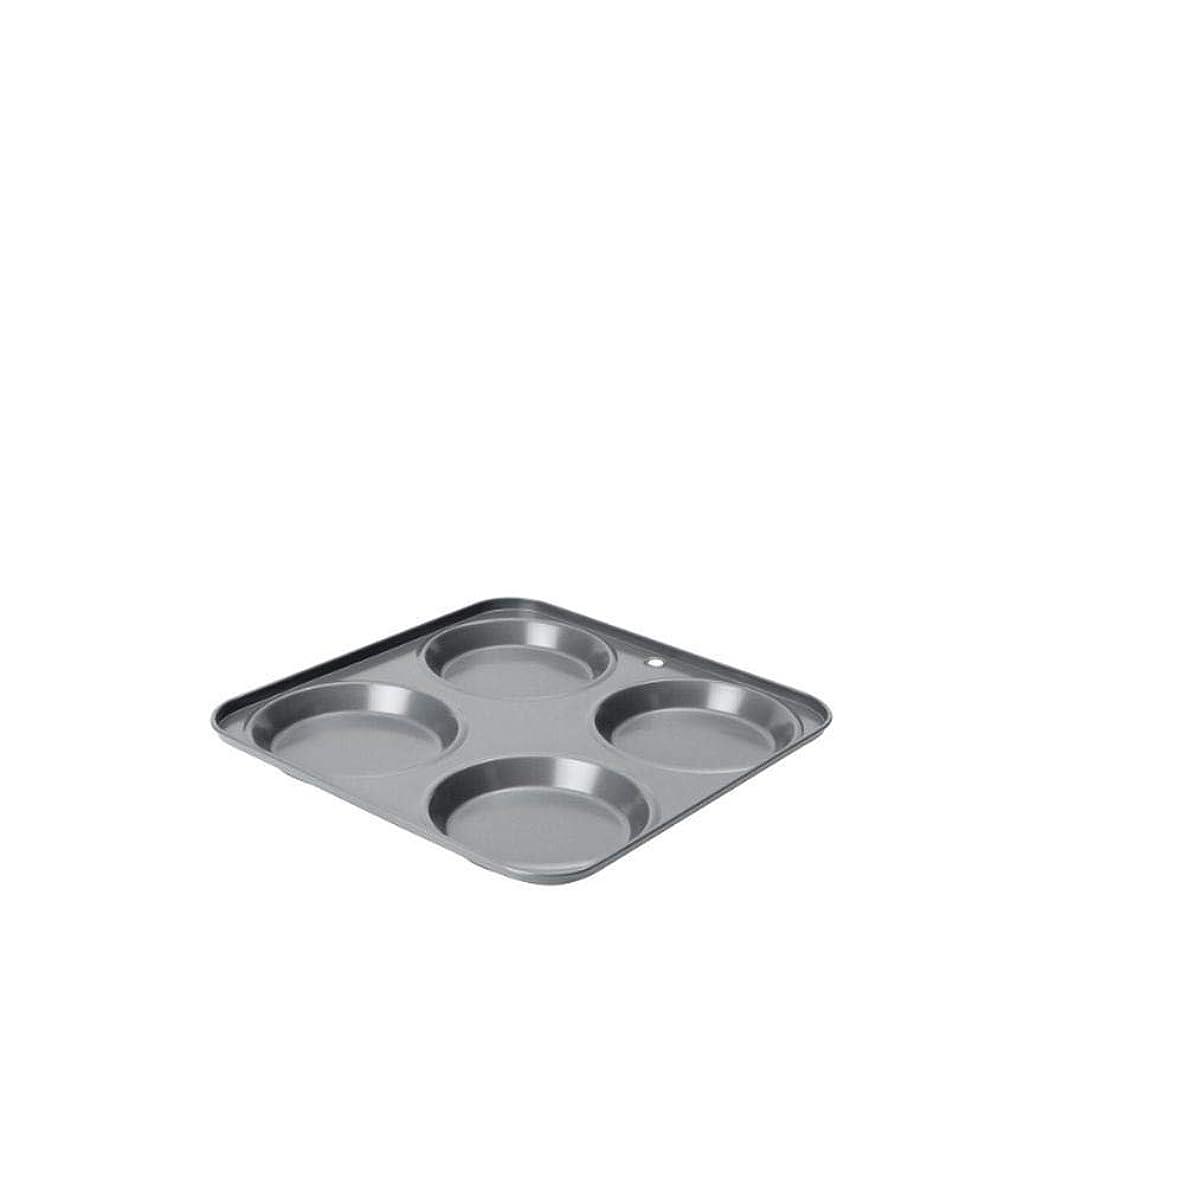 罰立法キャンディー[Dexam] ノンスティックフラットキャップヨークシャープディングパンDexam、4カップ - Dexam Non-Stick Flat Cap Yorkshire Pudding Pan, 4 cup [並行輸入品]